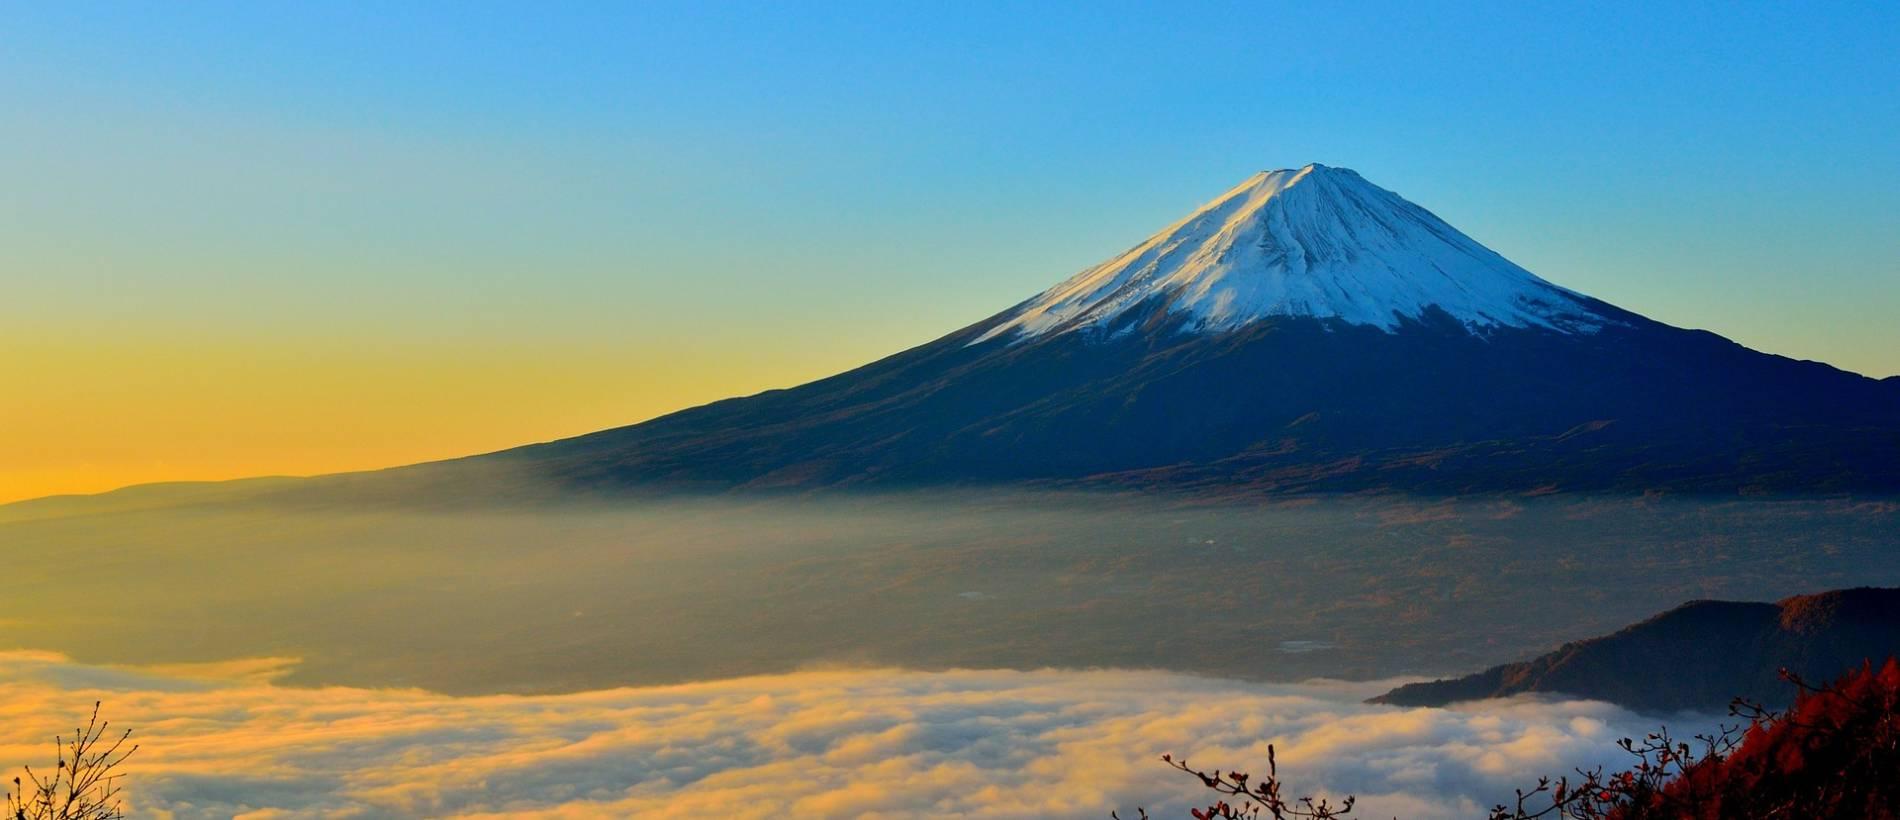 คู่มือ ท่องเที่ยว ญี่ปุ่น